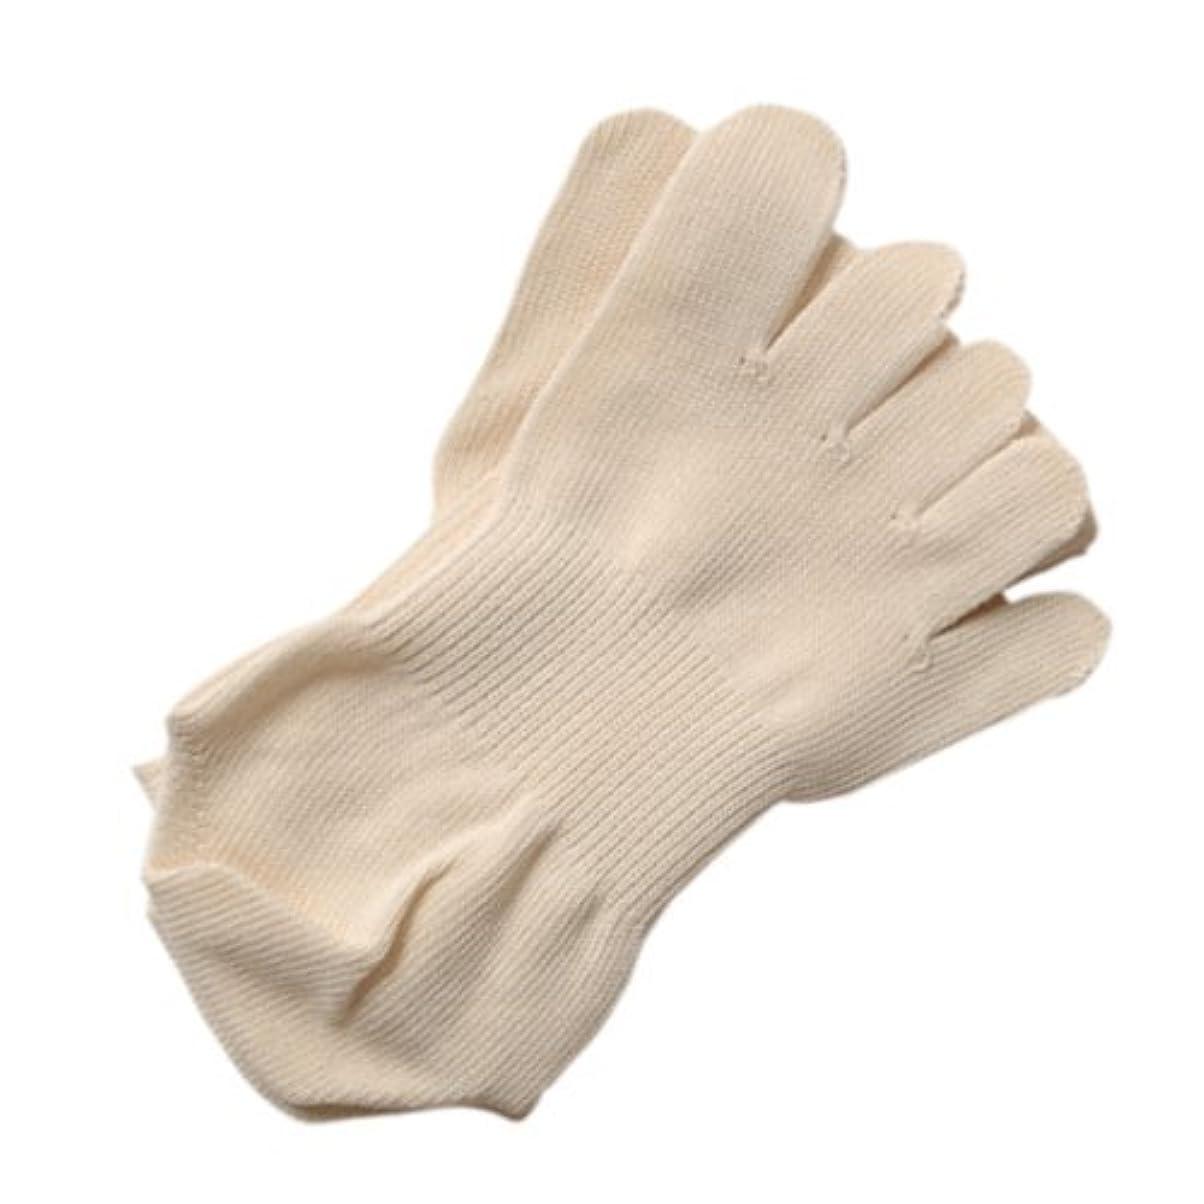 乱用教授小さい五本指薄手ソックスMアイボリー:オーガニックコットン100% 履くだけで足のつぼをマッサージし、健康に良いソックスです!